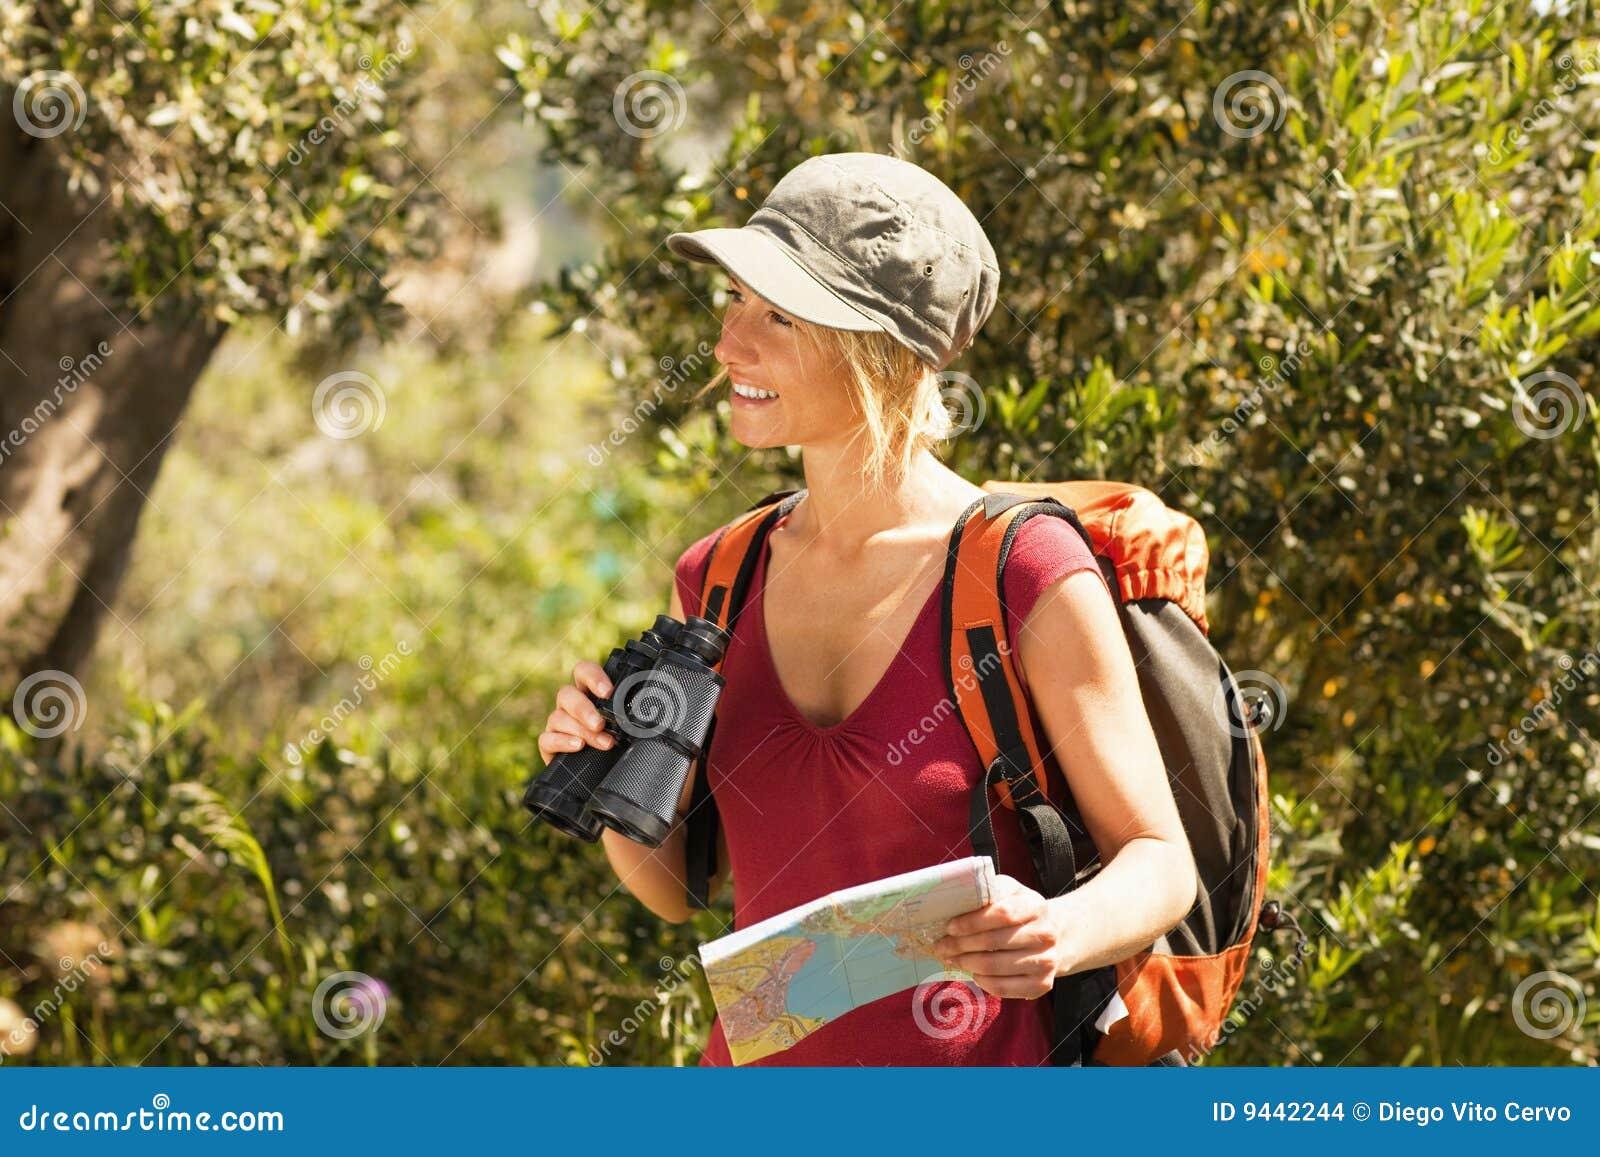 El ir de excursión de la mujer